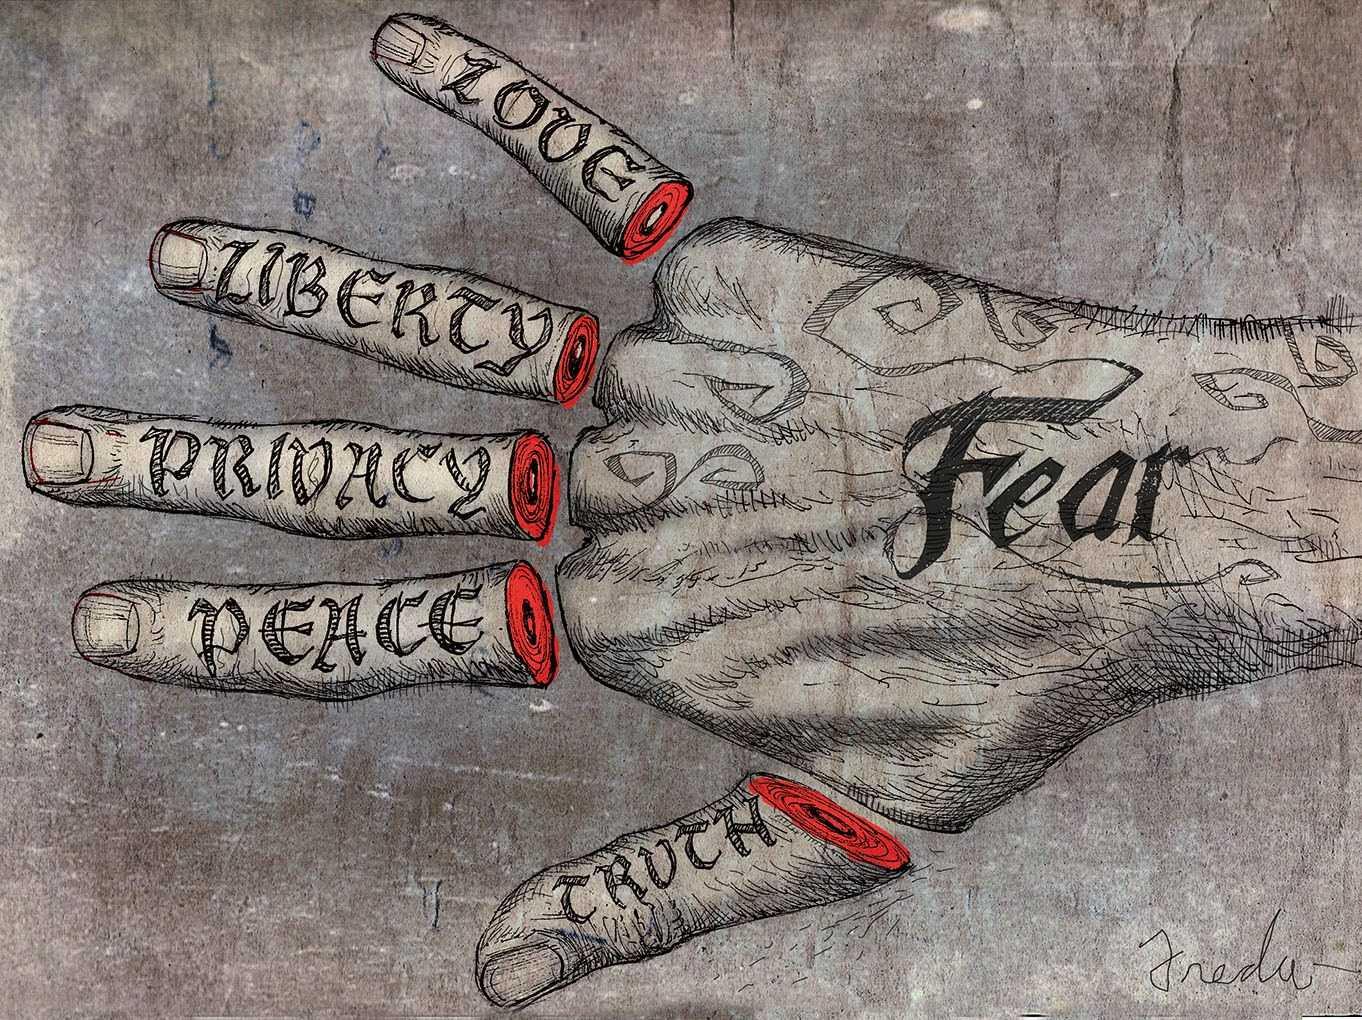 Opinii despre consecintele atentatelor teroriste. IN FAȚA LEVIATHANULUI MONDIAL/ Era suspendarii drepturilor si libertatilor/ STRATEGIA HAOSULUI BINE CONTROLAT/ Decivilizarea si nihilismul apocaliptic